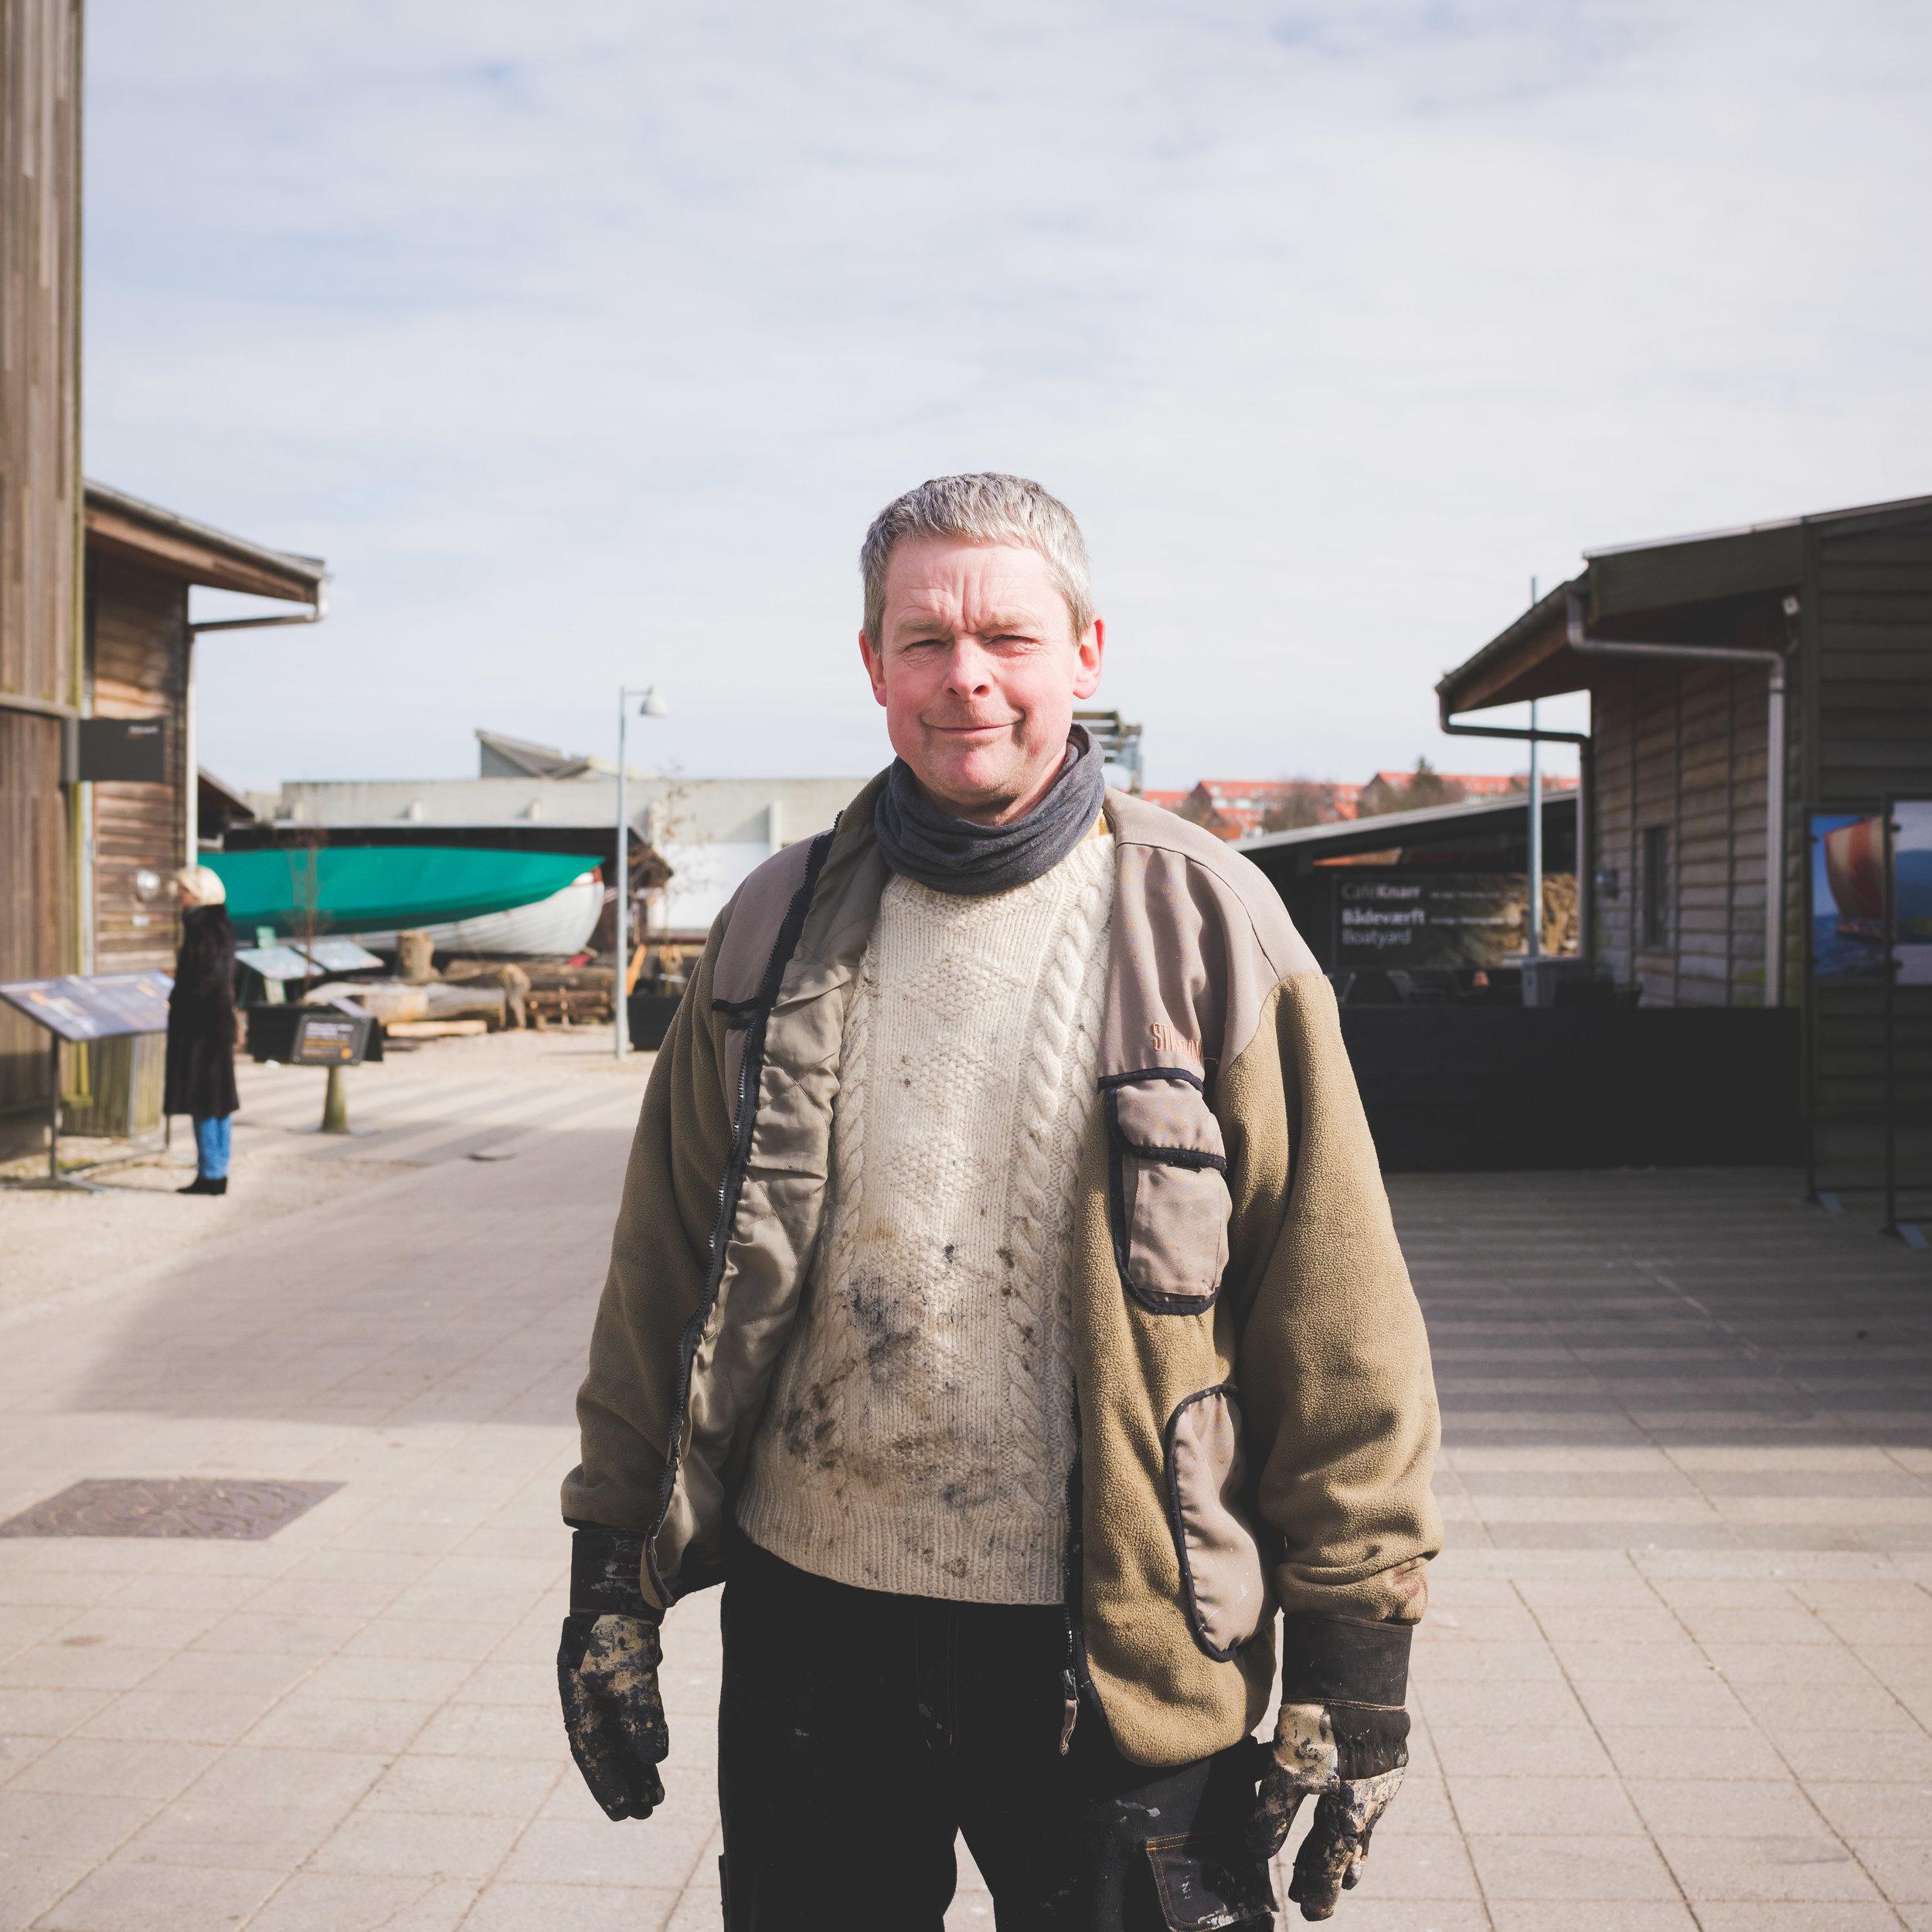 20-03-16 viaggio copenaghen-67.jpg